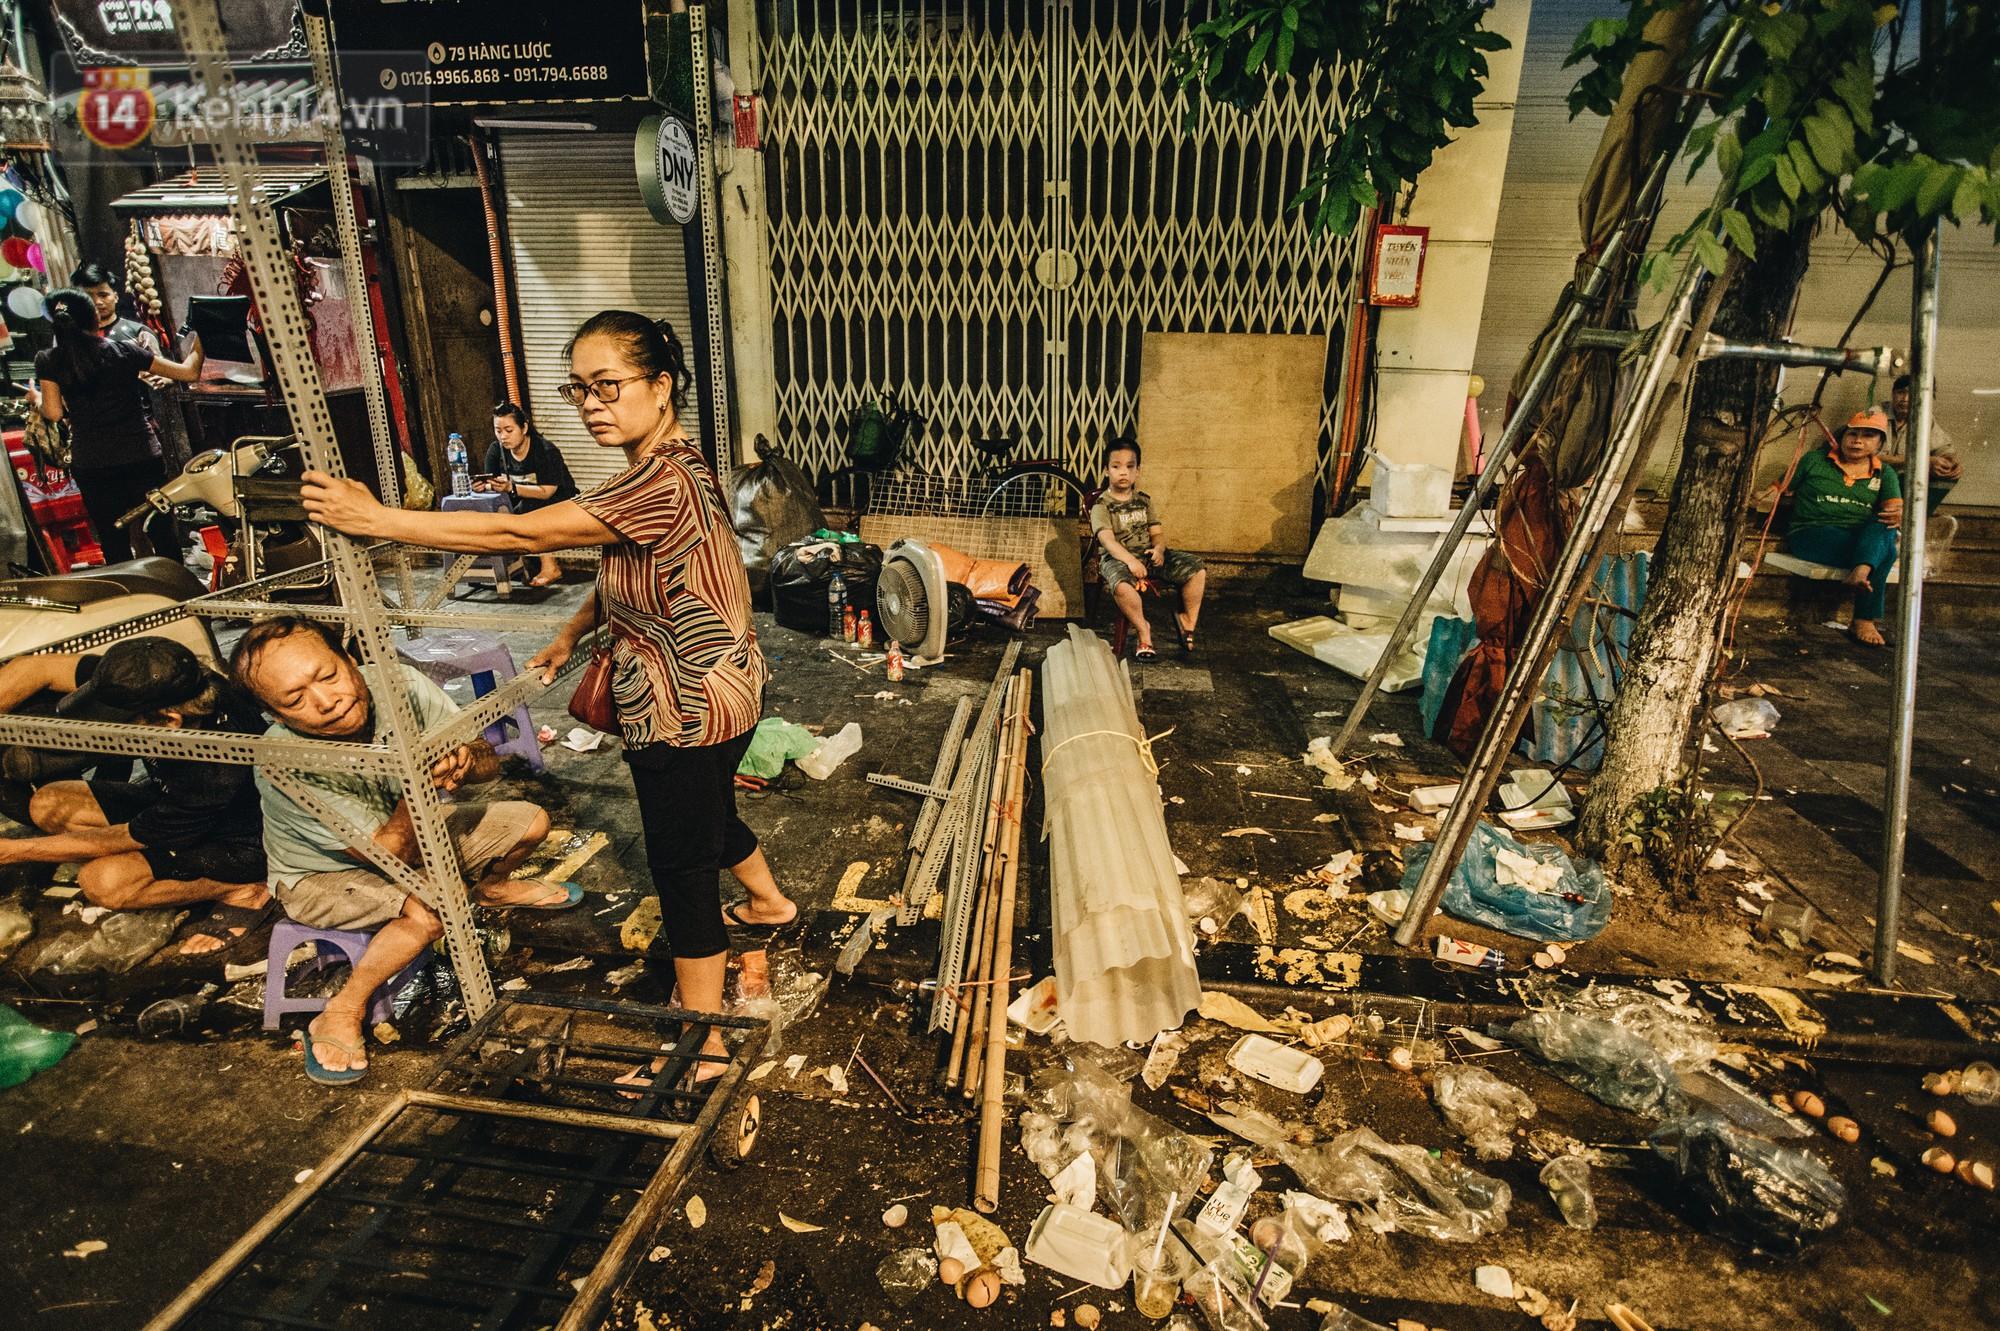 Sau Trung Thu, chợ truyền thống ở Hà nội ngập trong rác thải - Ảnh 10.